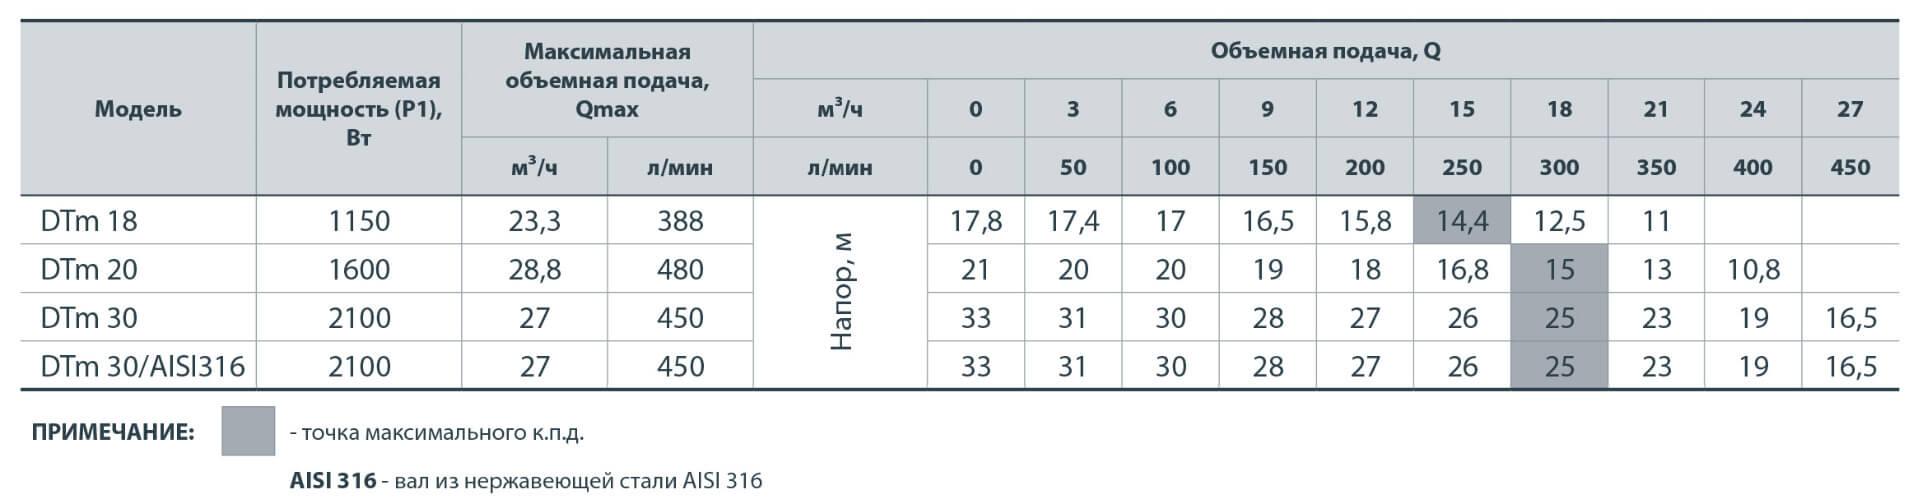 Поверхностный центробежный насос Насосы+  Dtm 20 1,6 кВт, H=21 м, 480 л/мин